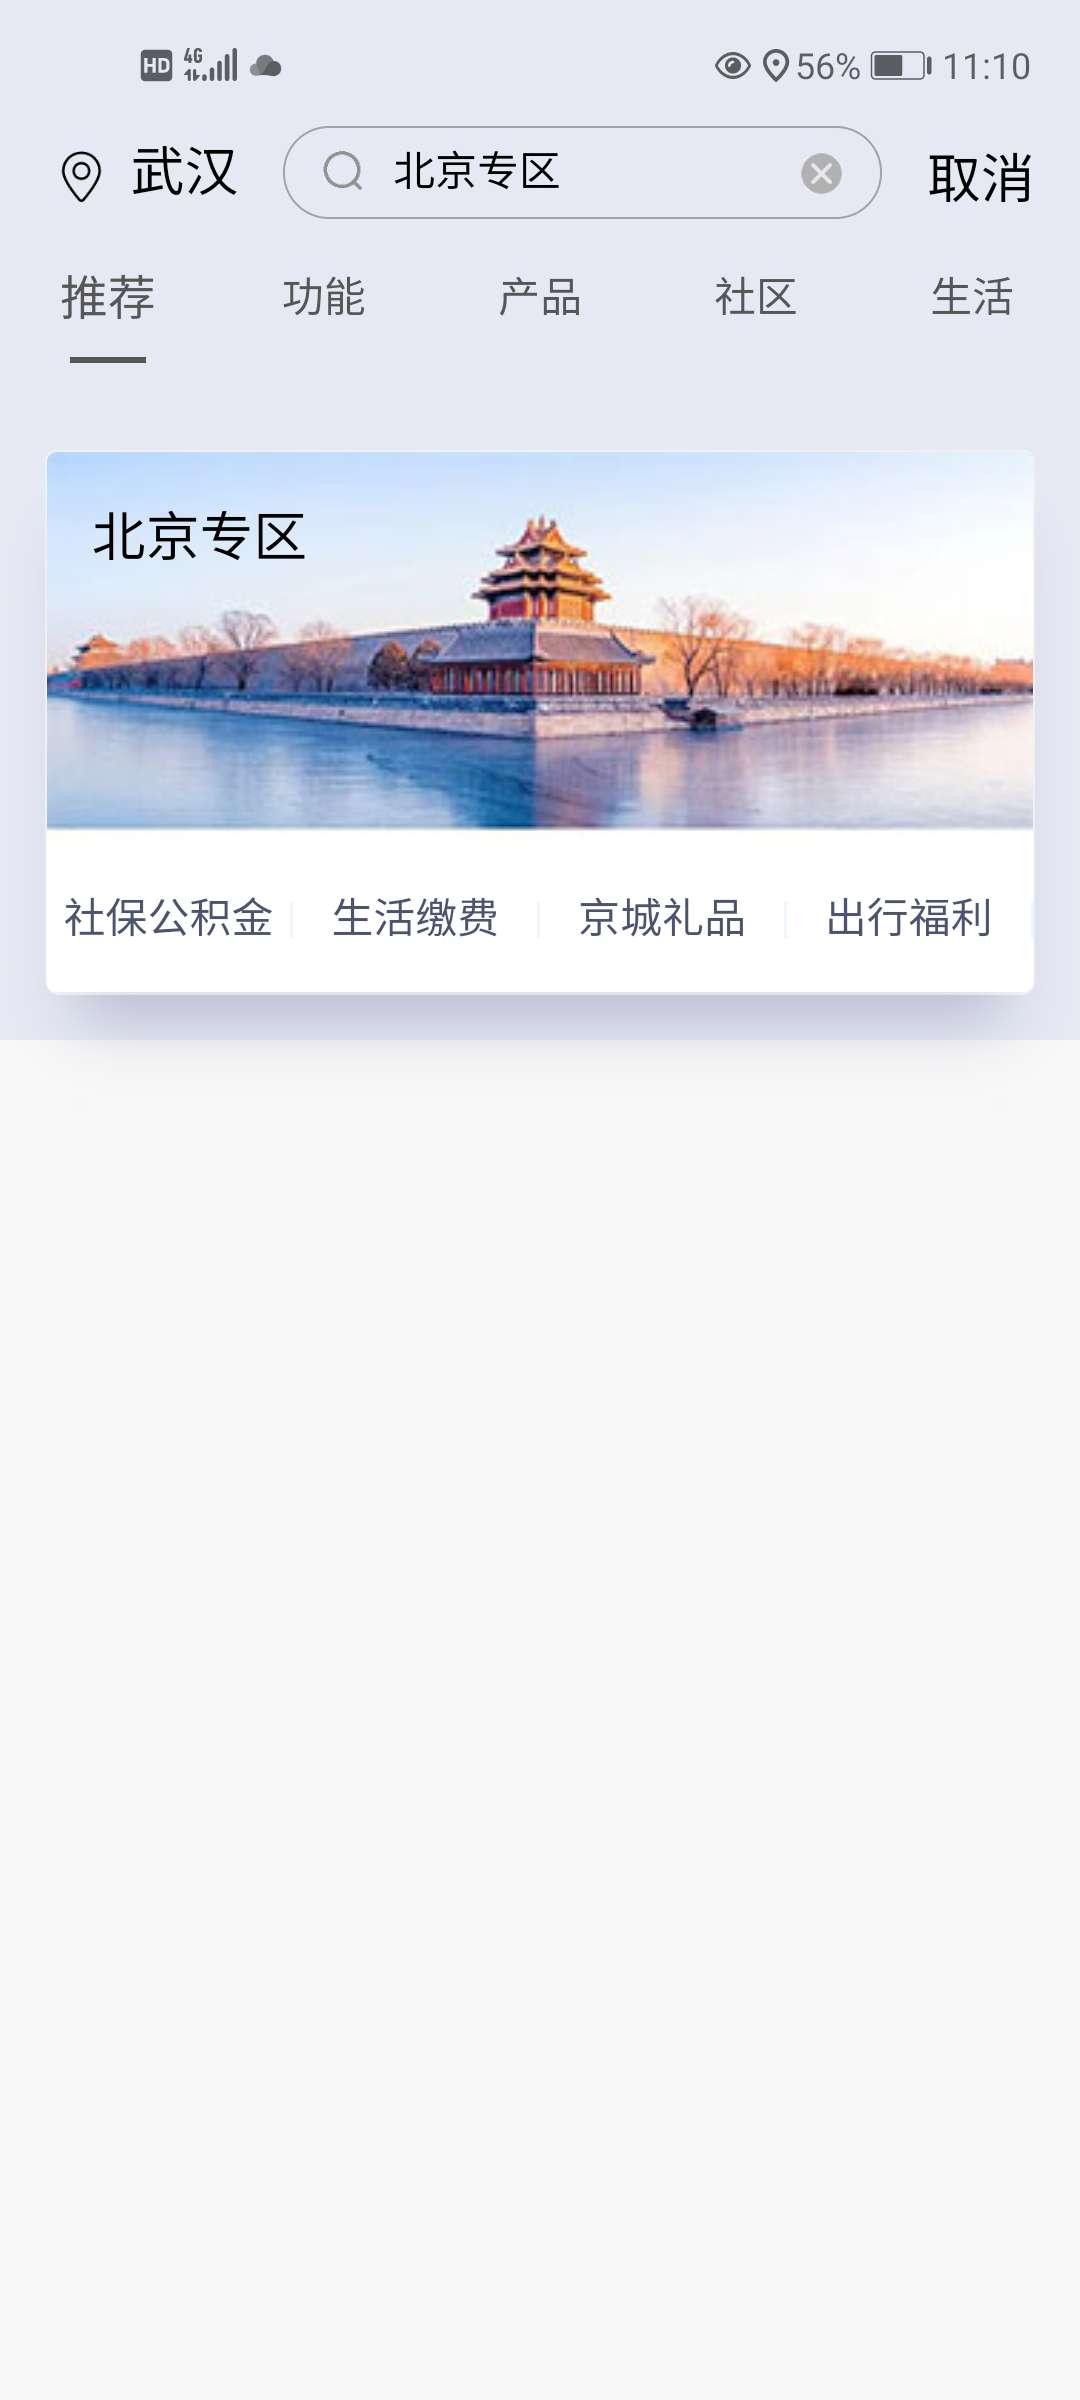 【现金红包】招商银行一网通用户抽红包